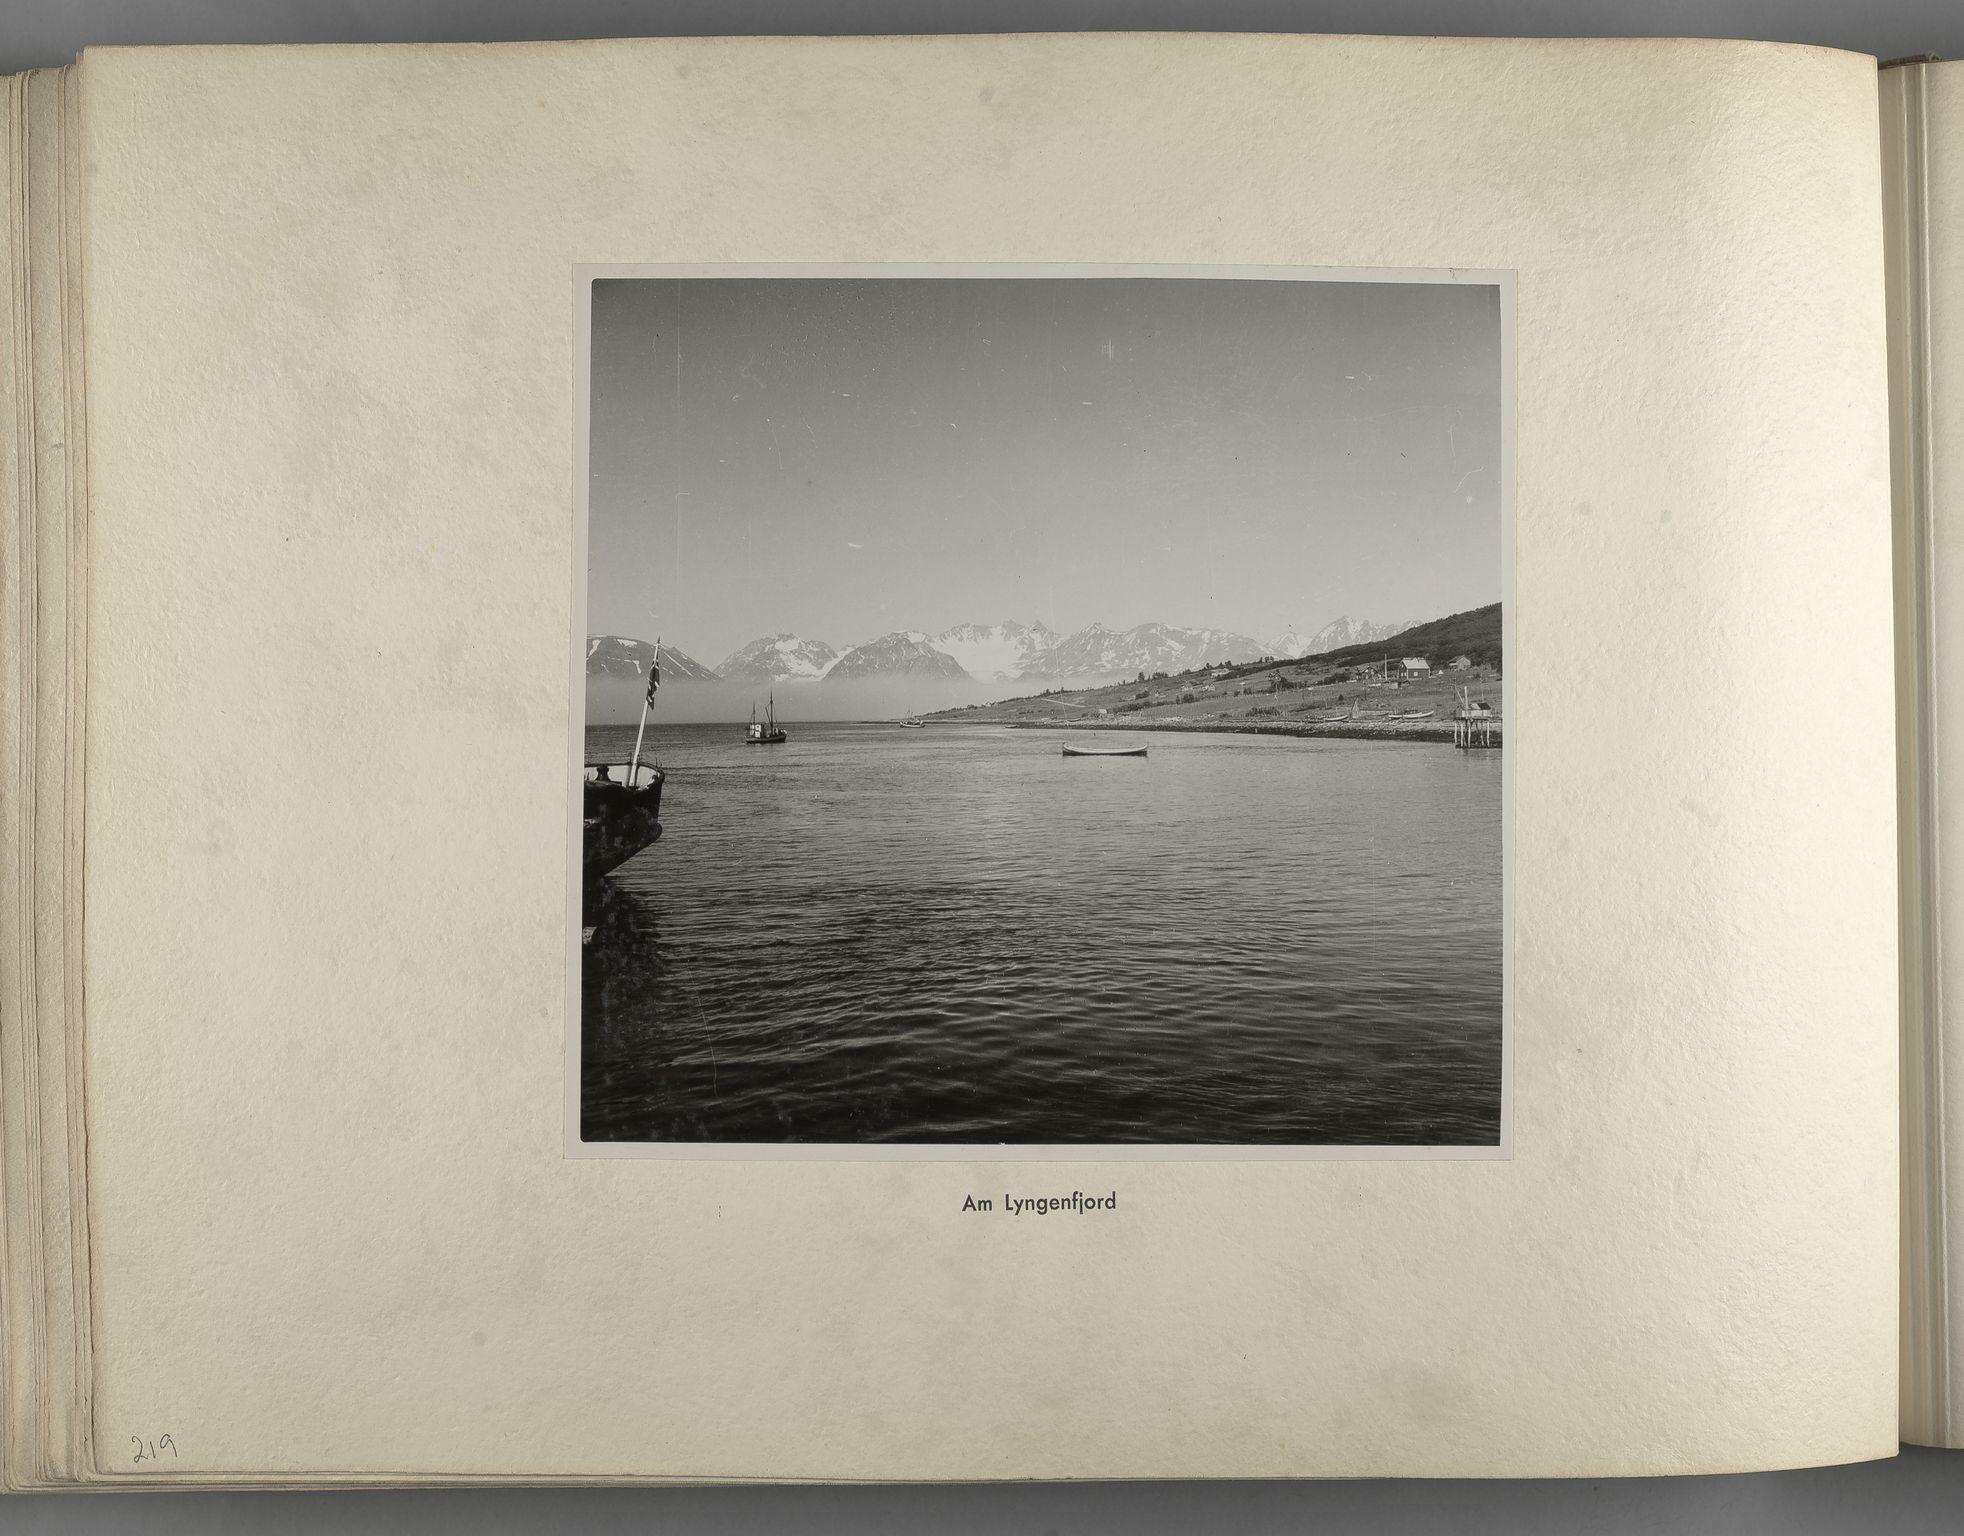 RA, Tyske arkiver, Reichskommissariat, Bildarchiv, U/L0071: Fotoalbum: Mit dem Reichskommissar nach Nordnorwegen und Finnland 10. bis 27. Juli 1942, 1942, s. 88